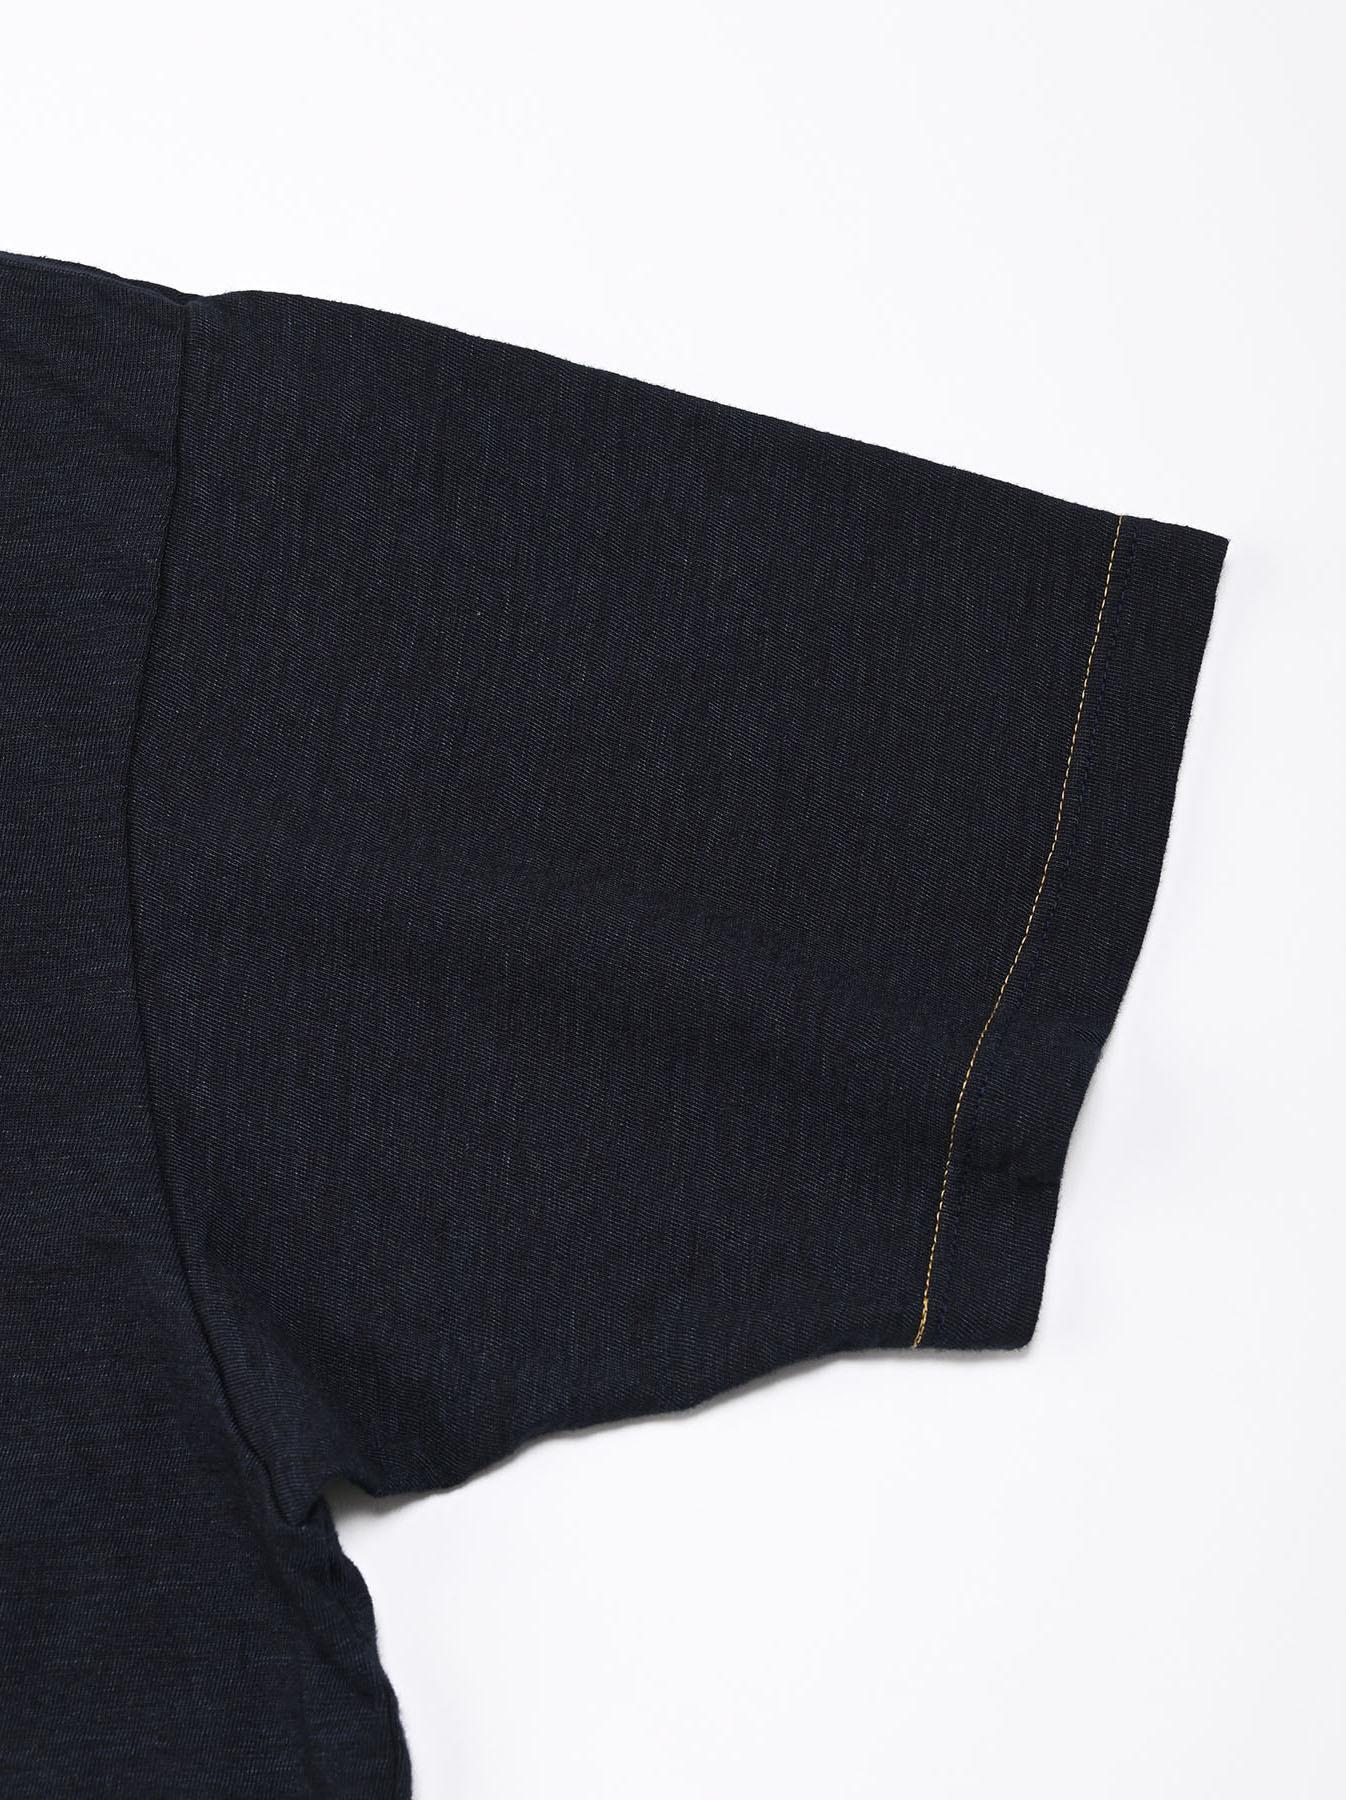 Indigo Sumite de Whale T-shirt-8